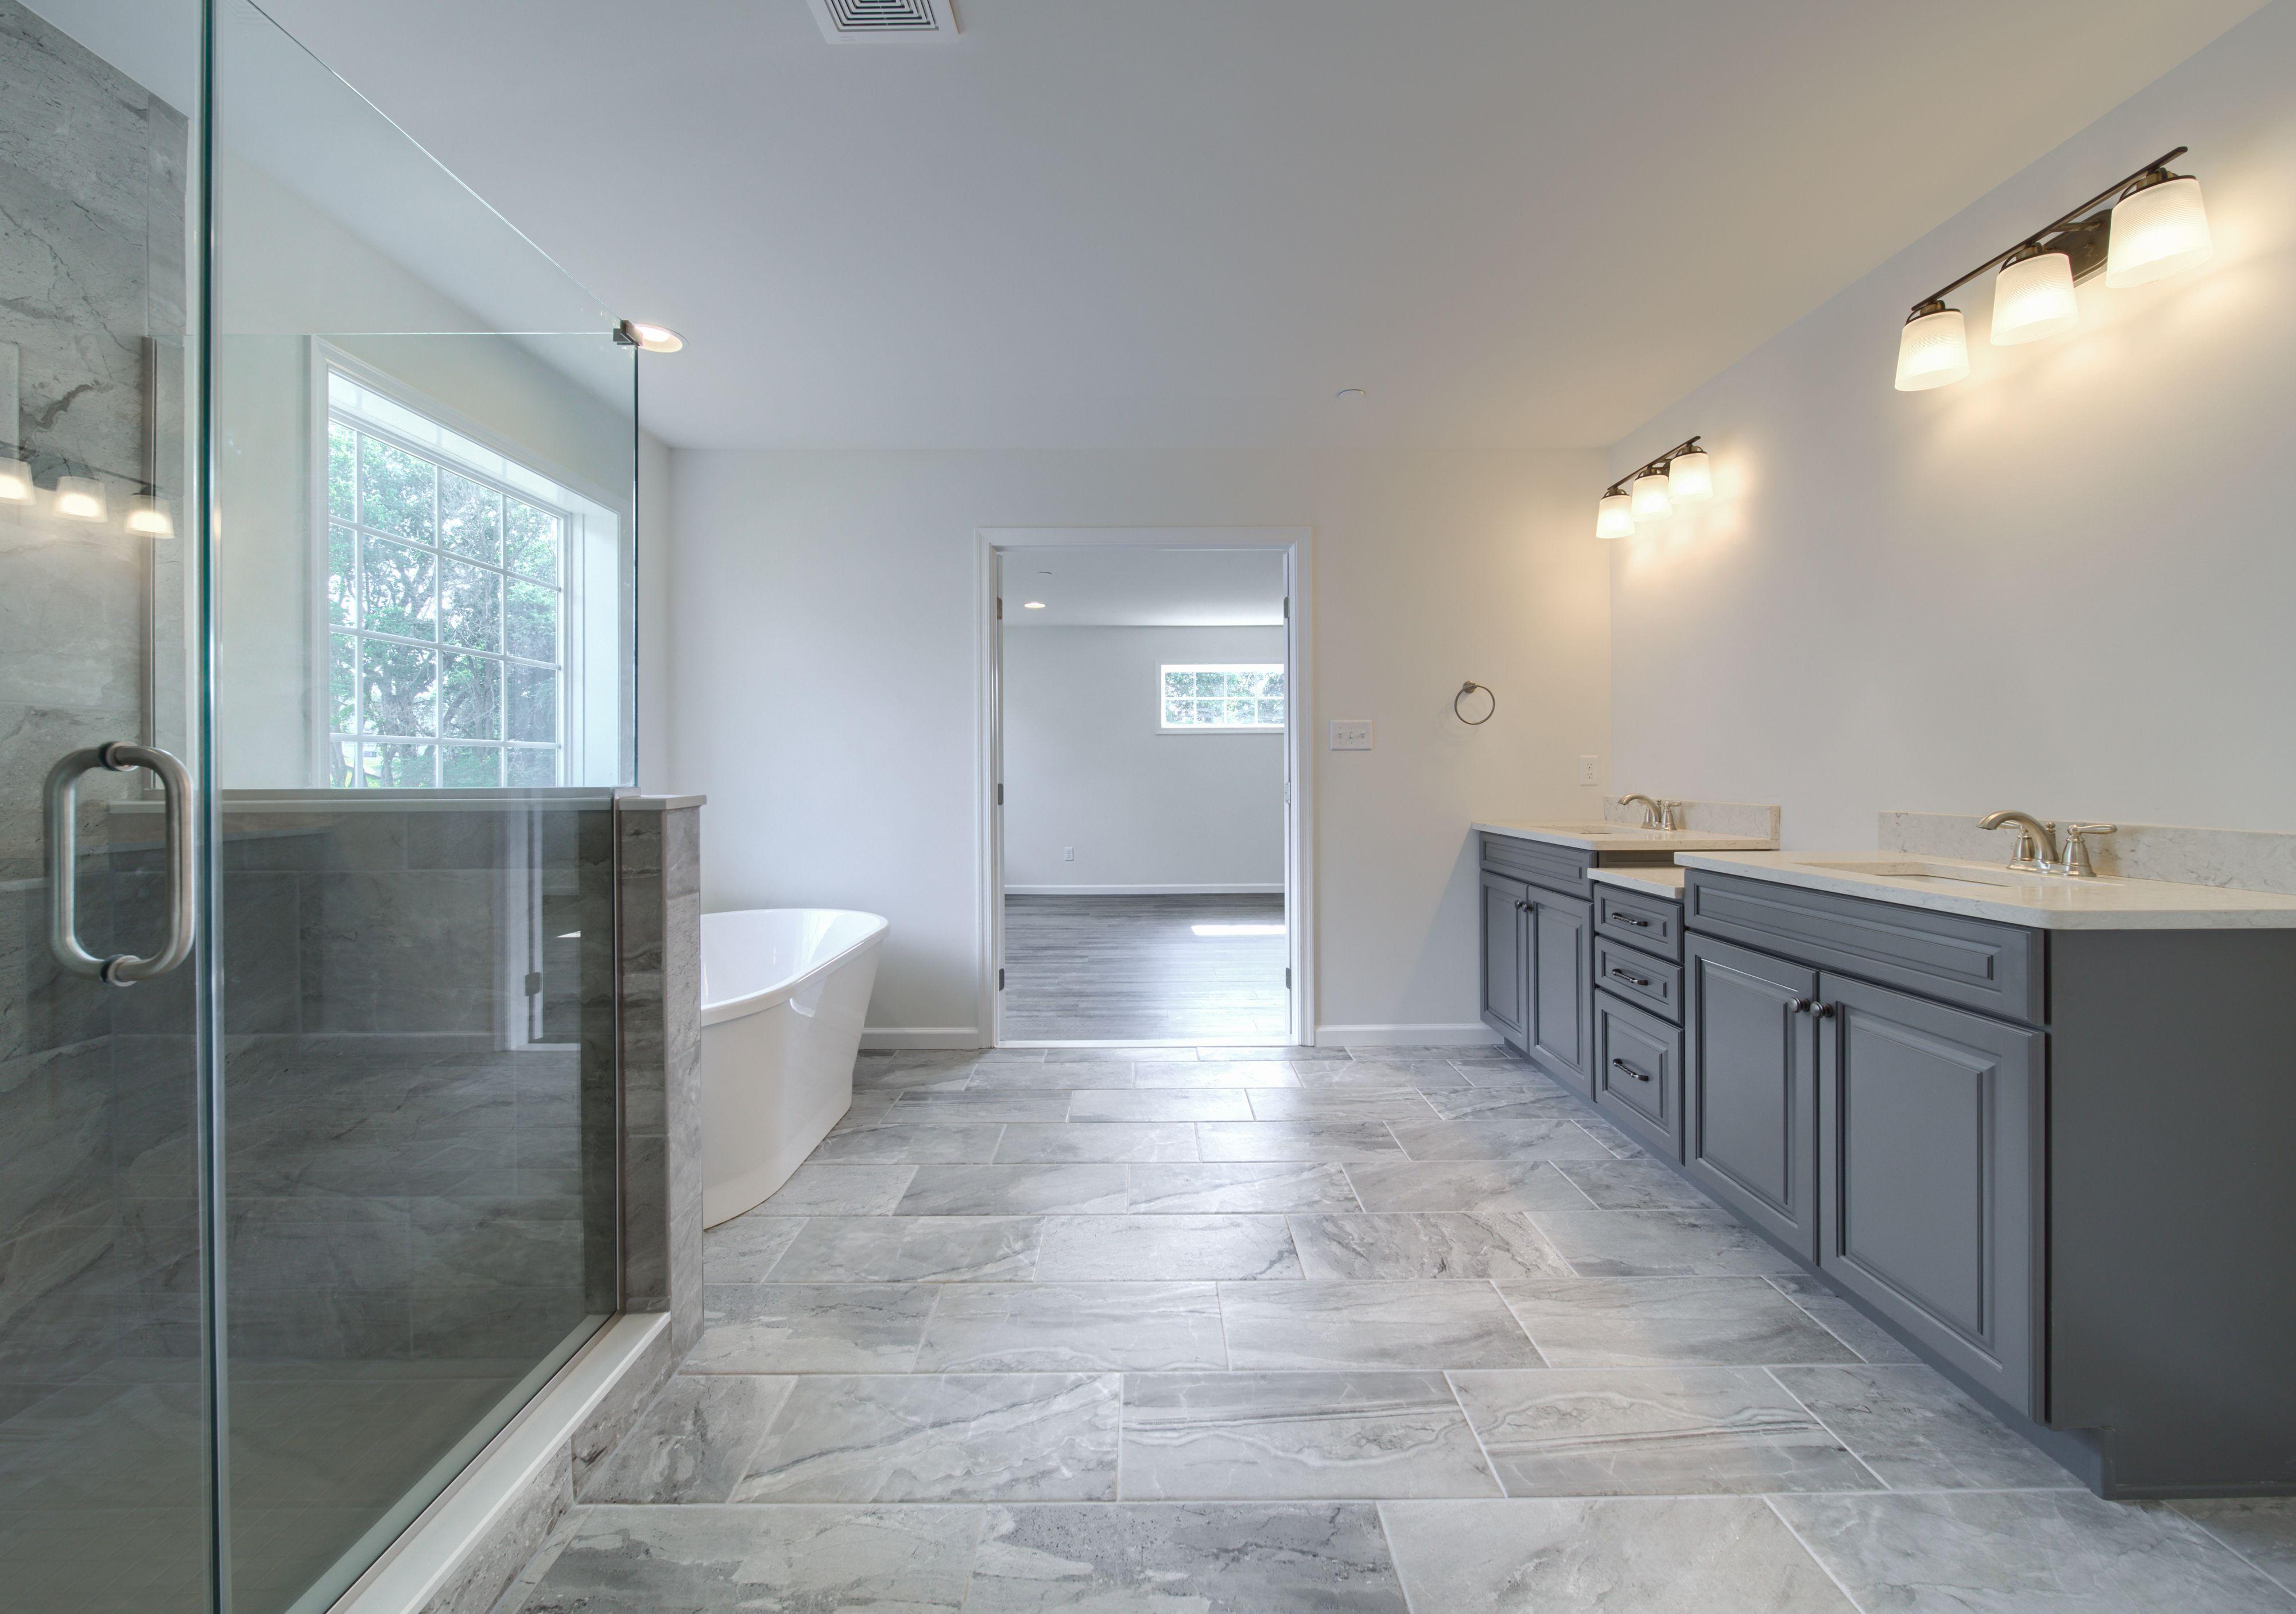 Bathroom featured in the Hawthorne Farmhouse By Keystone Custom Homes in Washington, MD